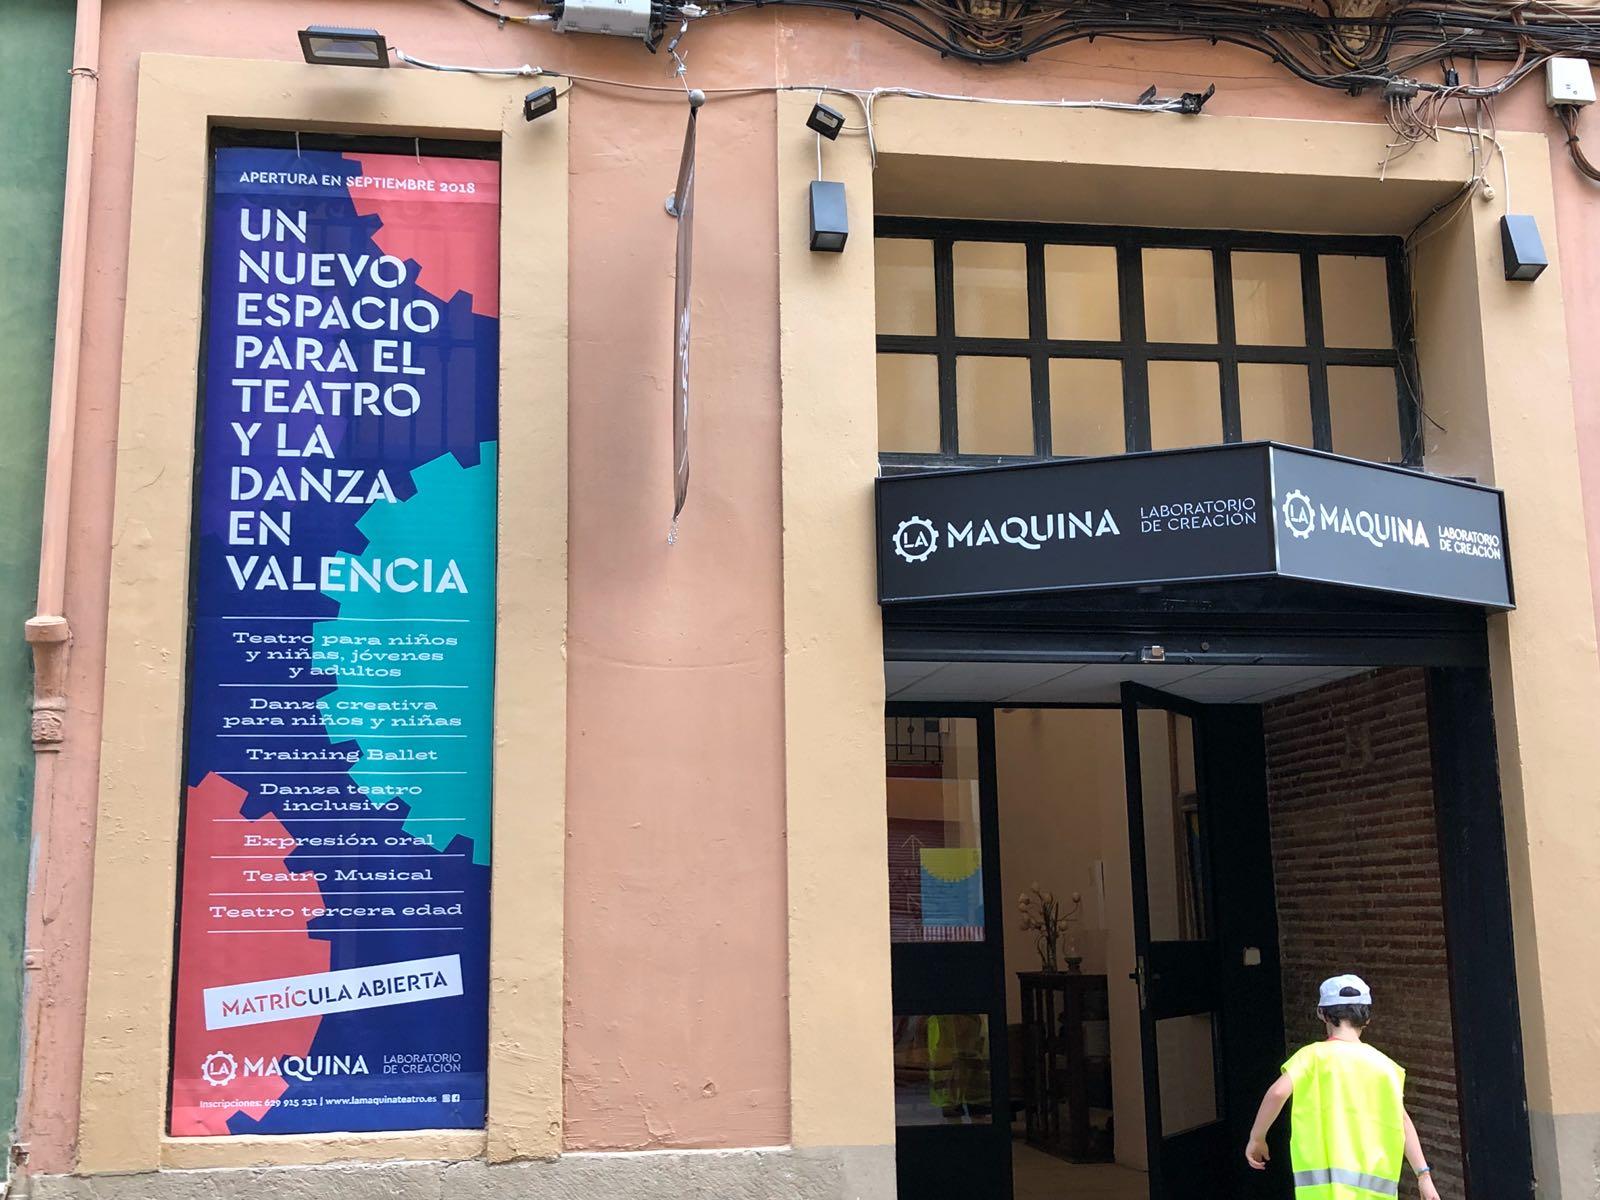 Valencia cuenta con un nuevo laboratorio teatral en la sala La Maquina